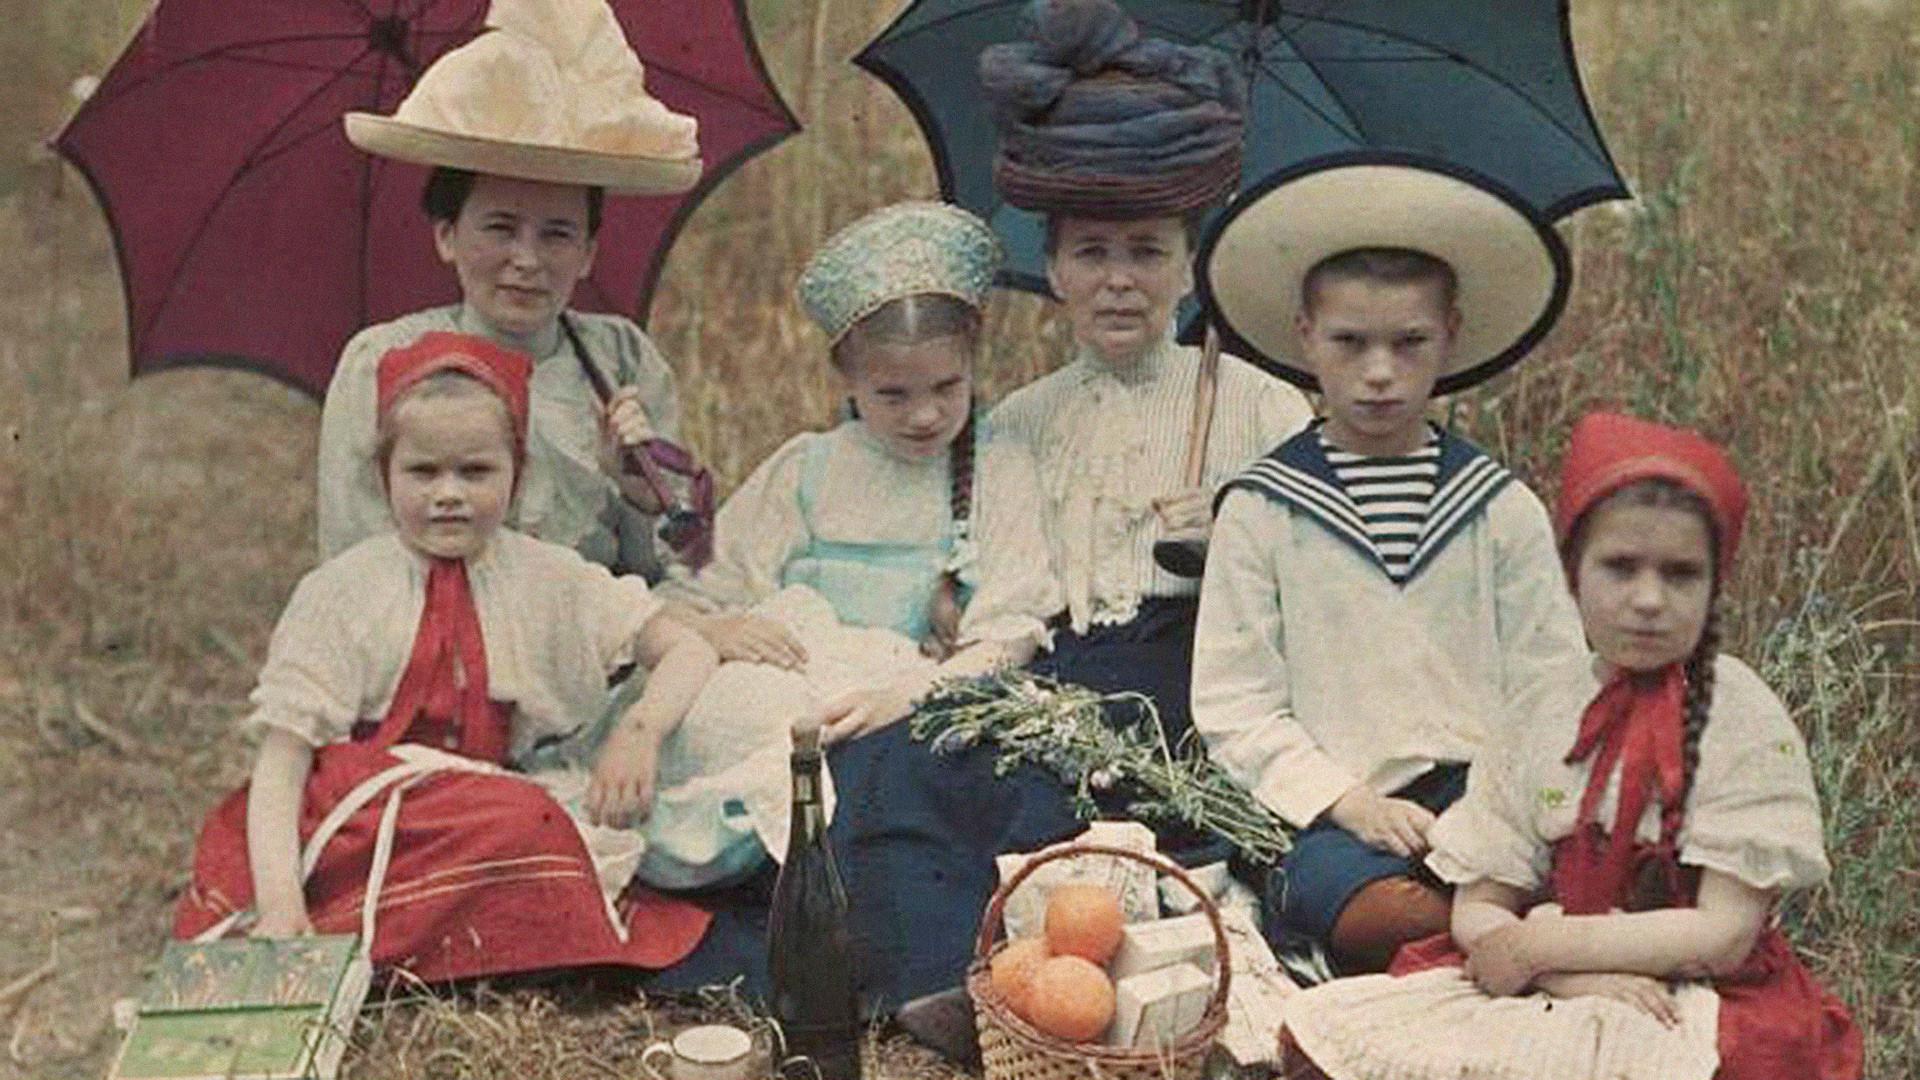 Kids in Yalta. 1910.